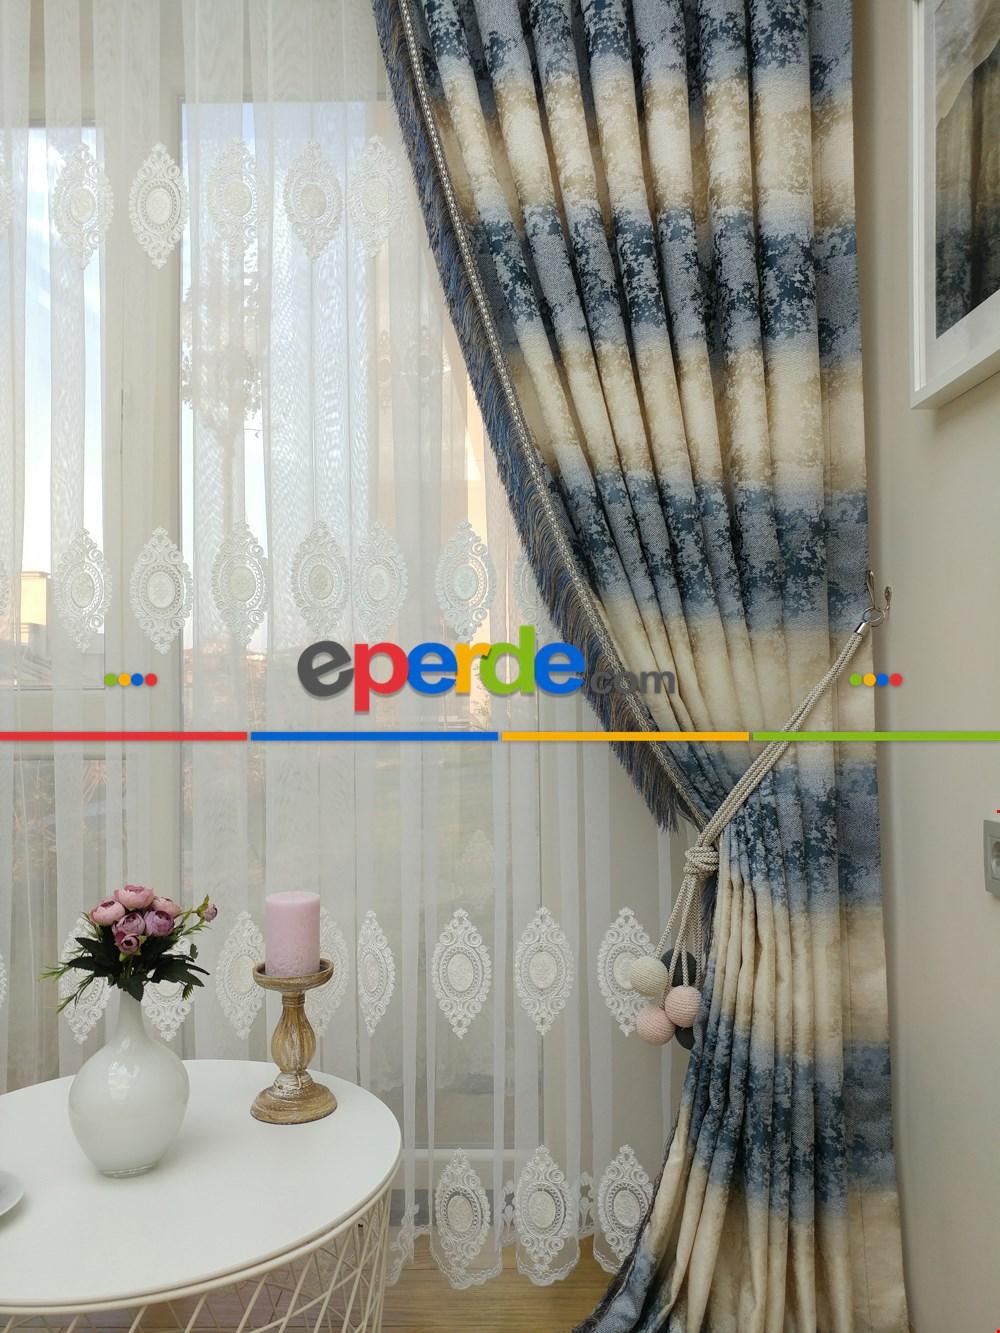 Renk Geçişli Jakar Desenli Salon Fon Perdesi -(saçak Dahildir) Lacivert - Mavi - Bej